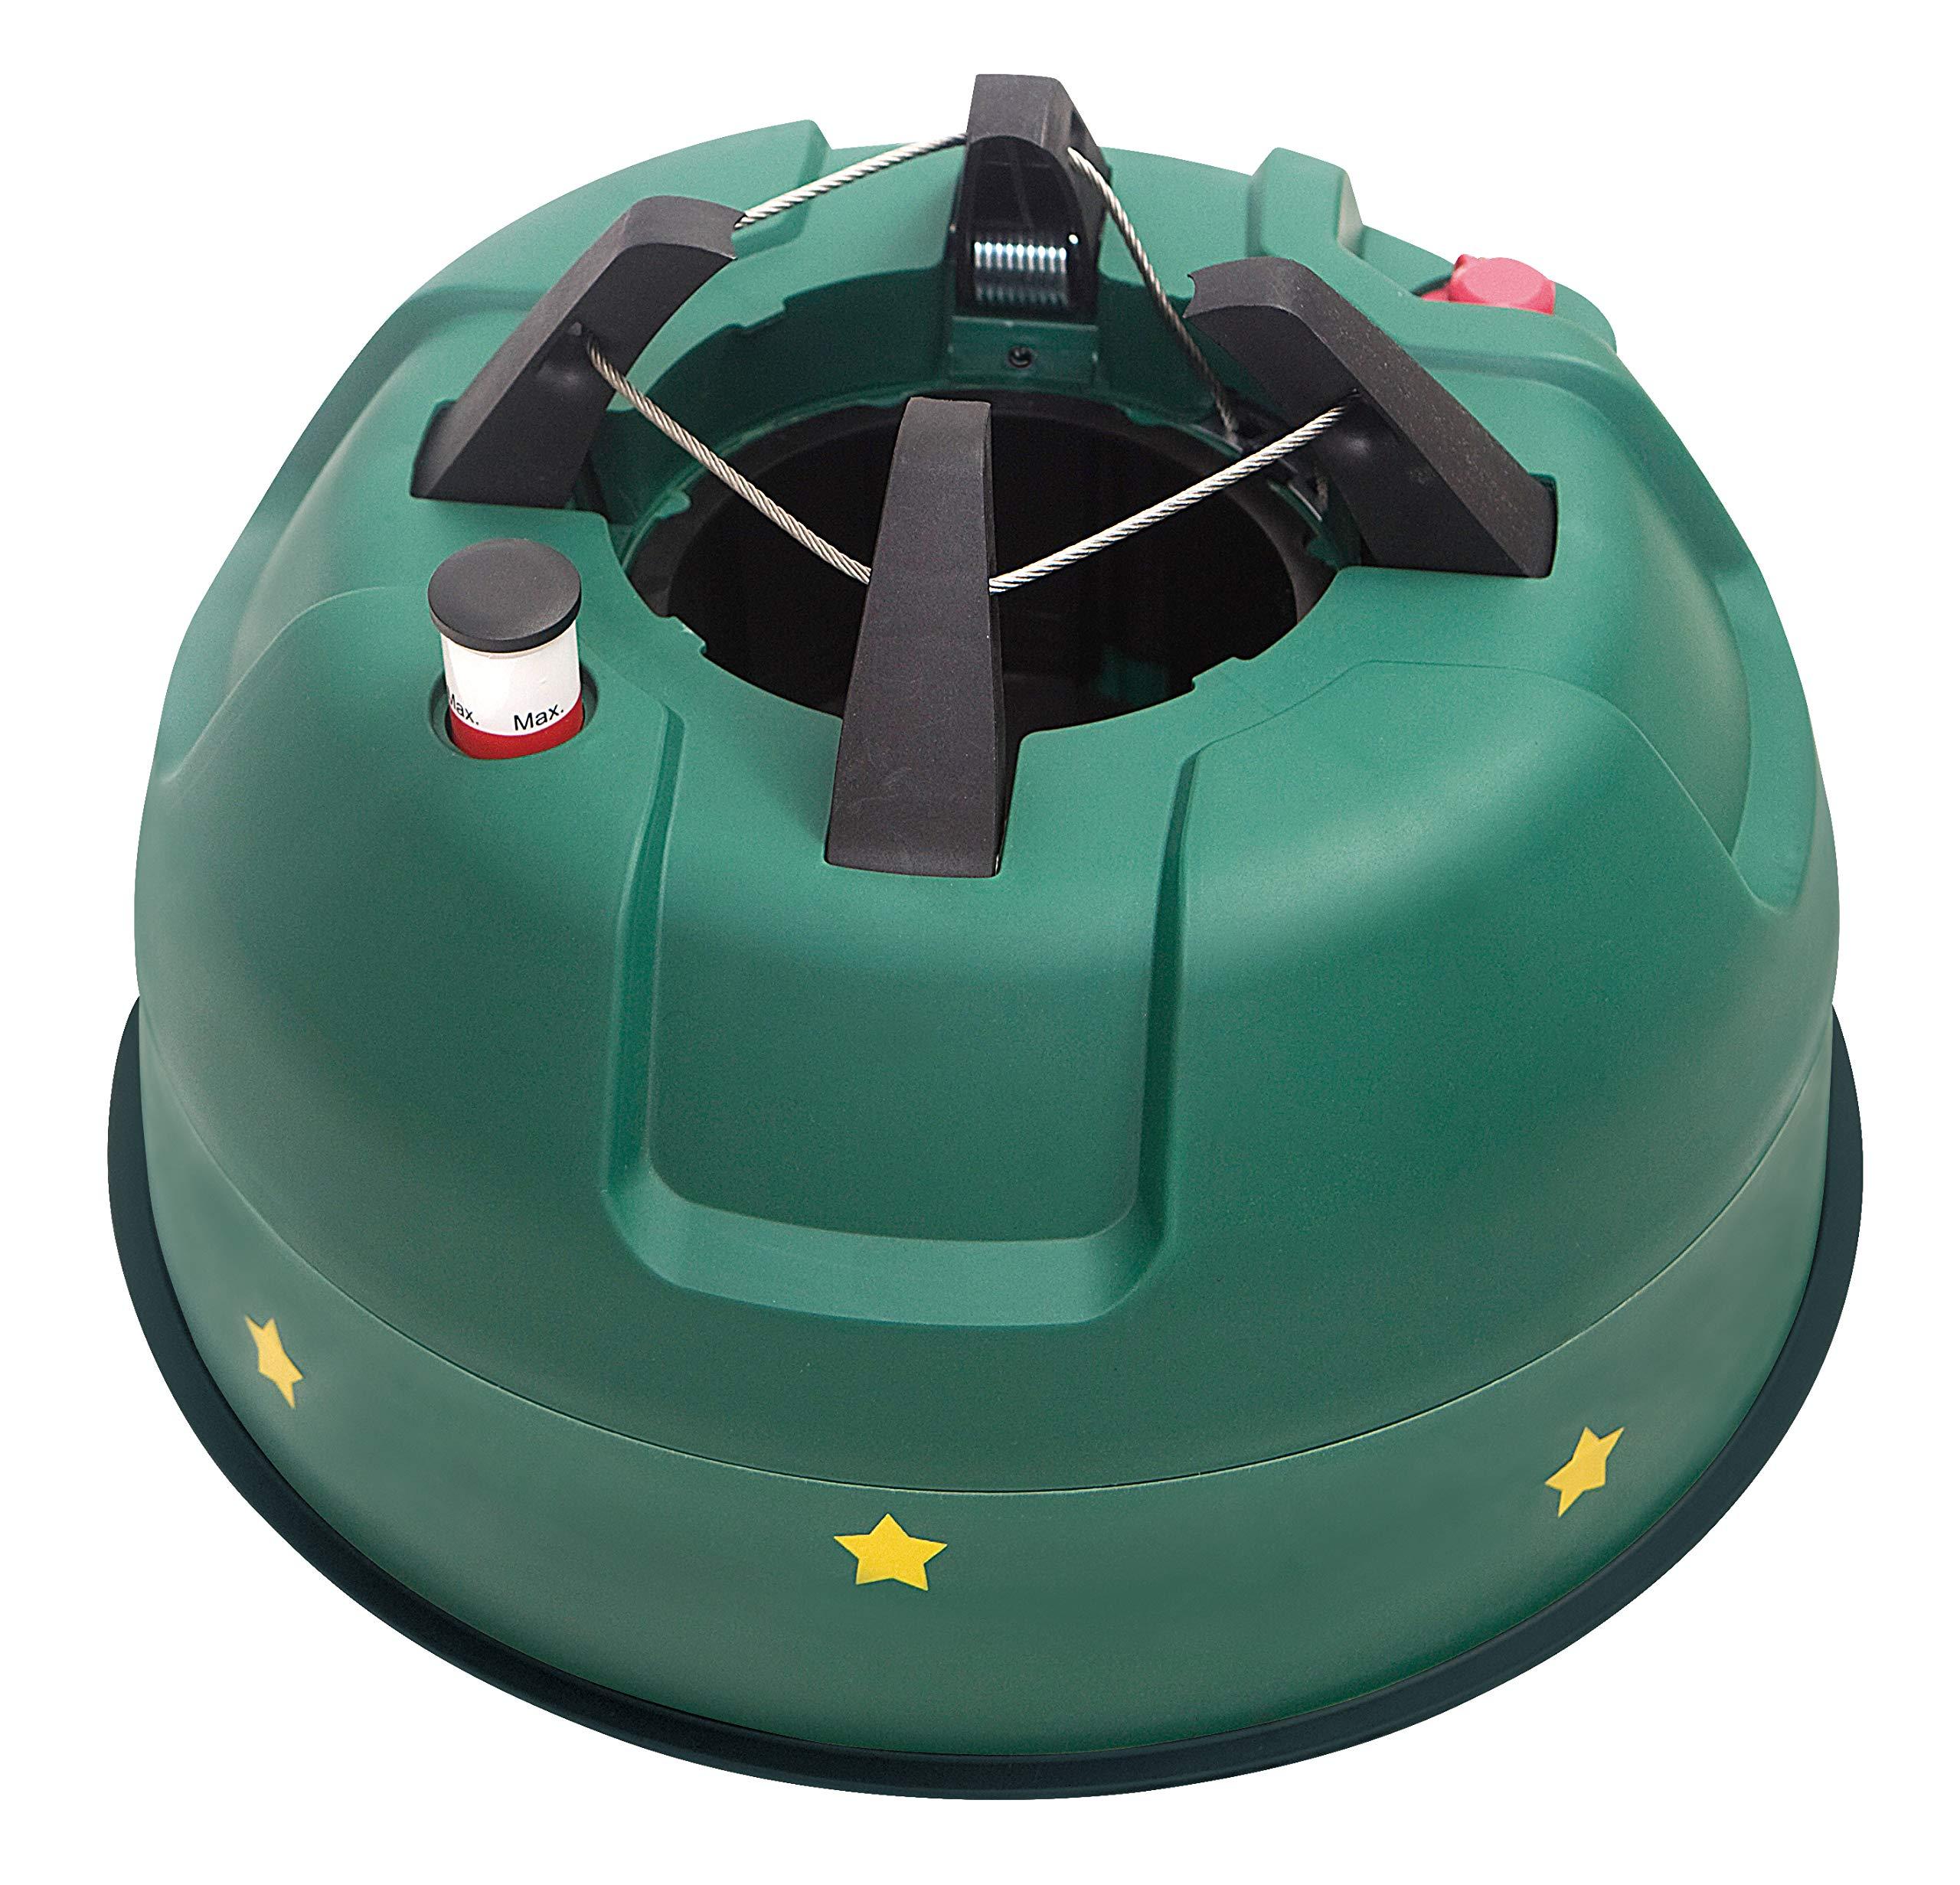 Star-Max-Patentierter-selbstfixierender-Christbaumstnder-fr-Bume-bis-25m-Grn-34-cm